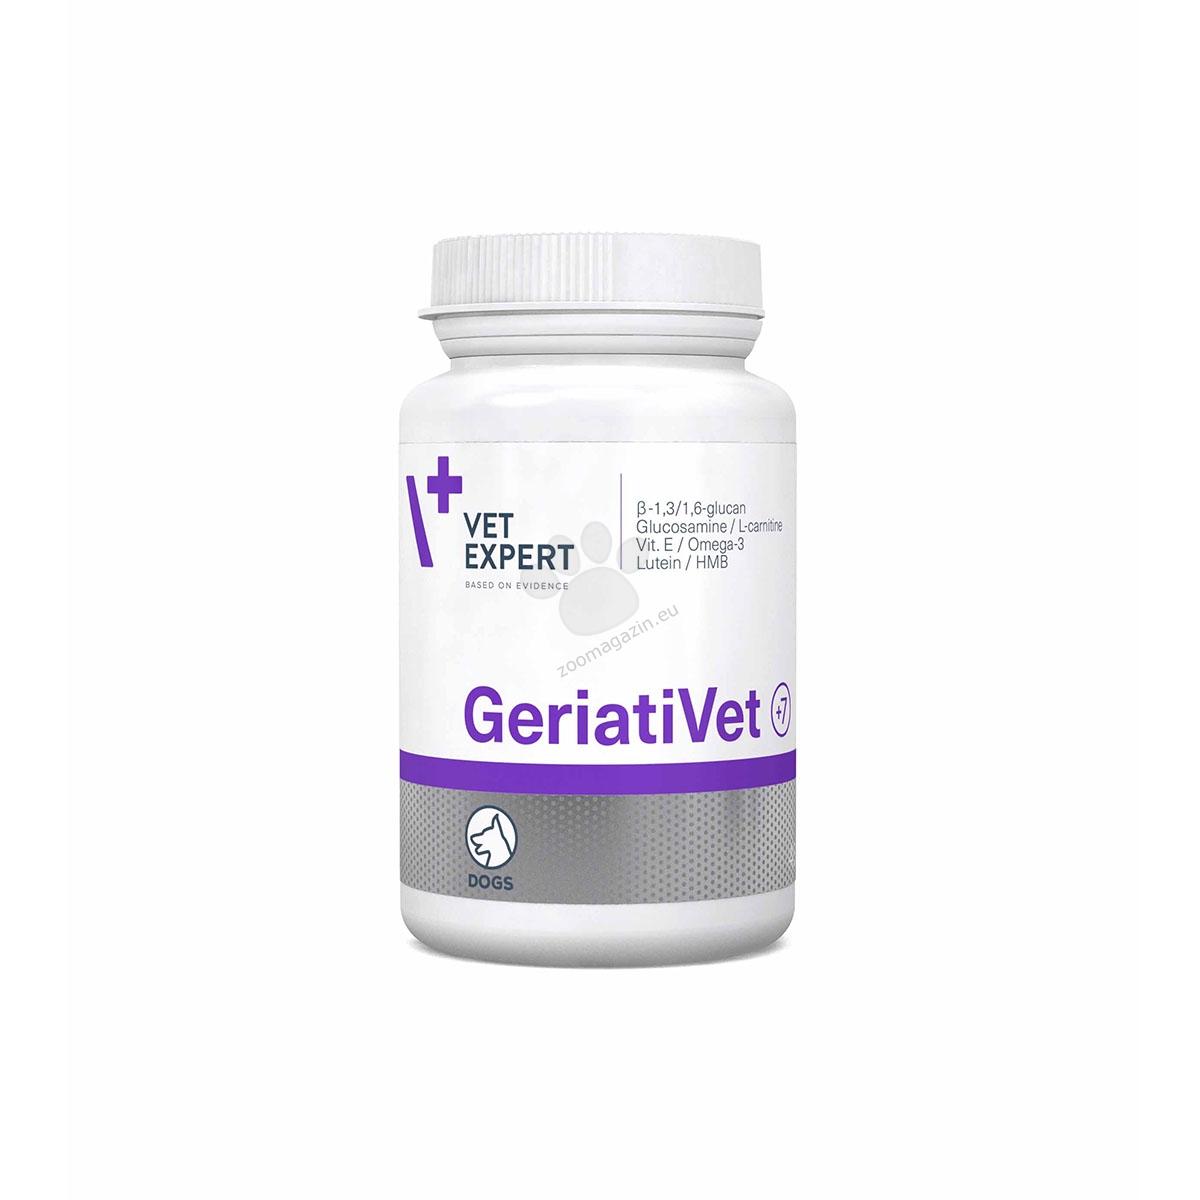 Vetexpert - GeriatiVet - цялостна грижа за възрастните кучета, за малки и средни породи 45 табл.